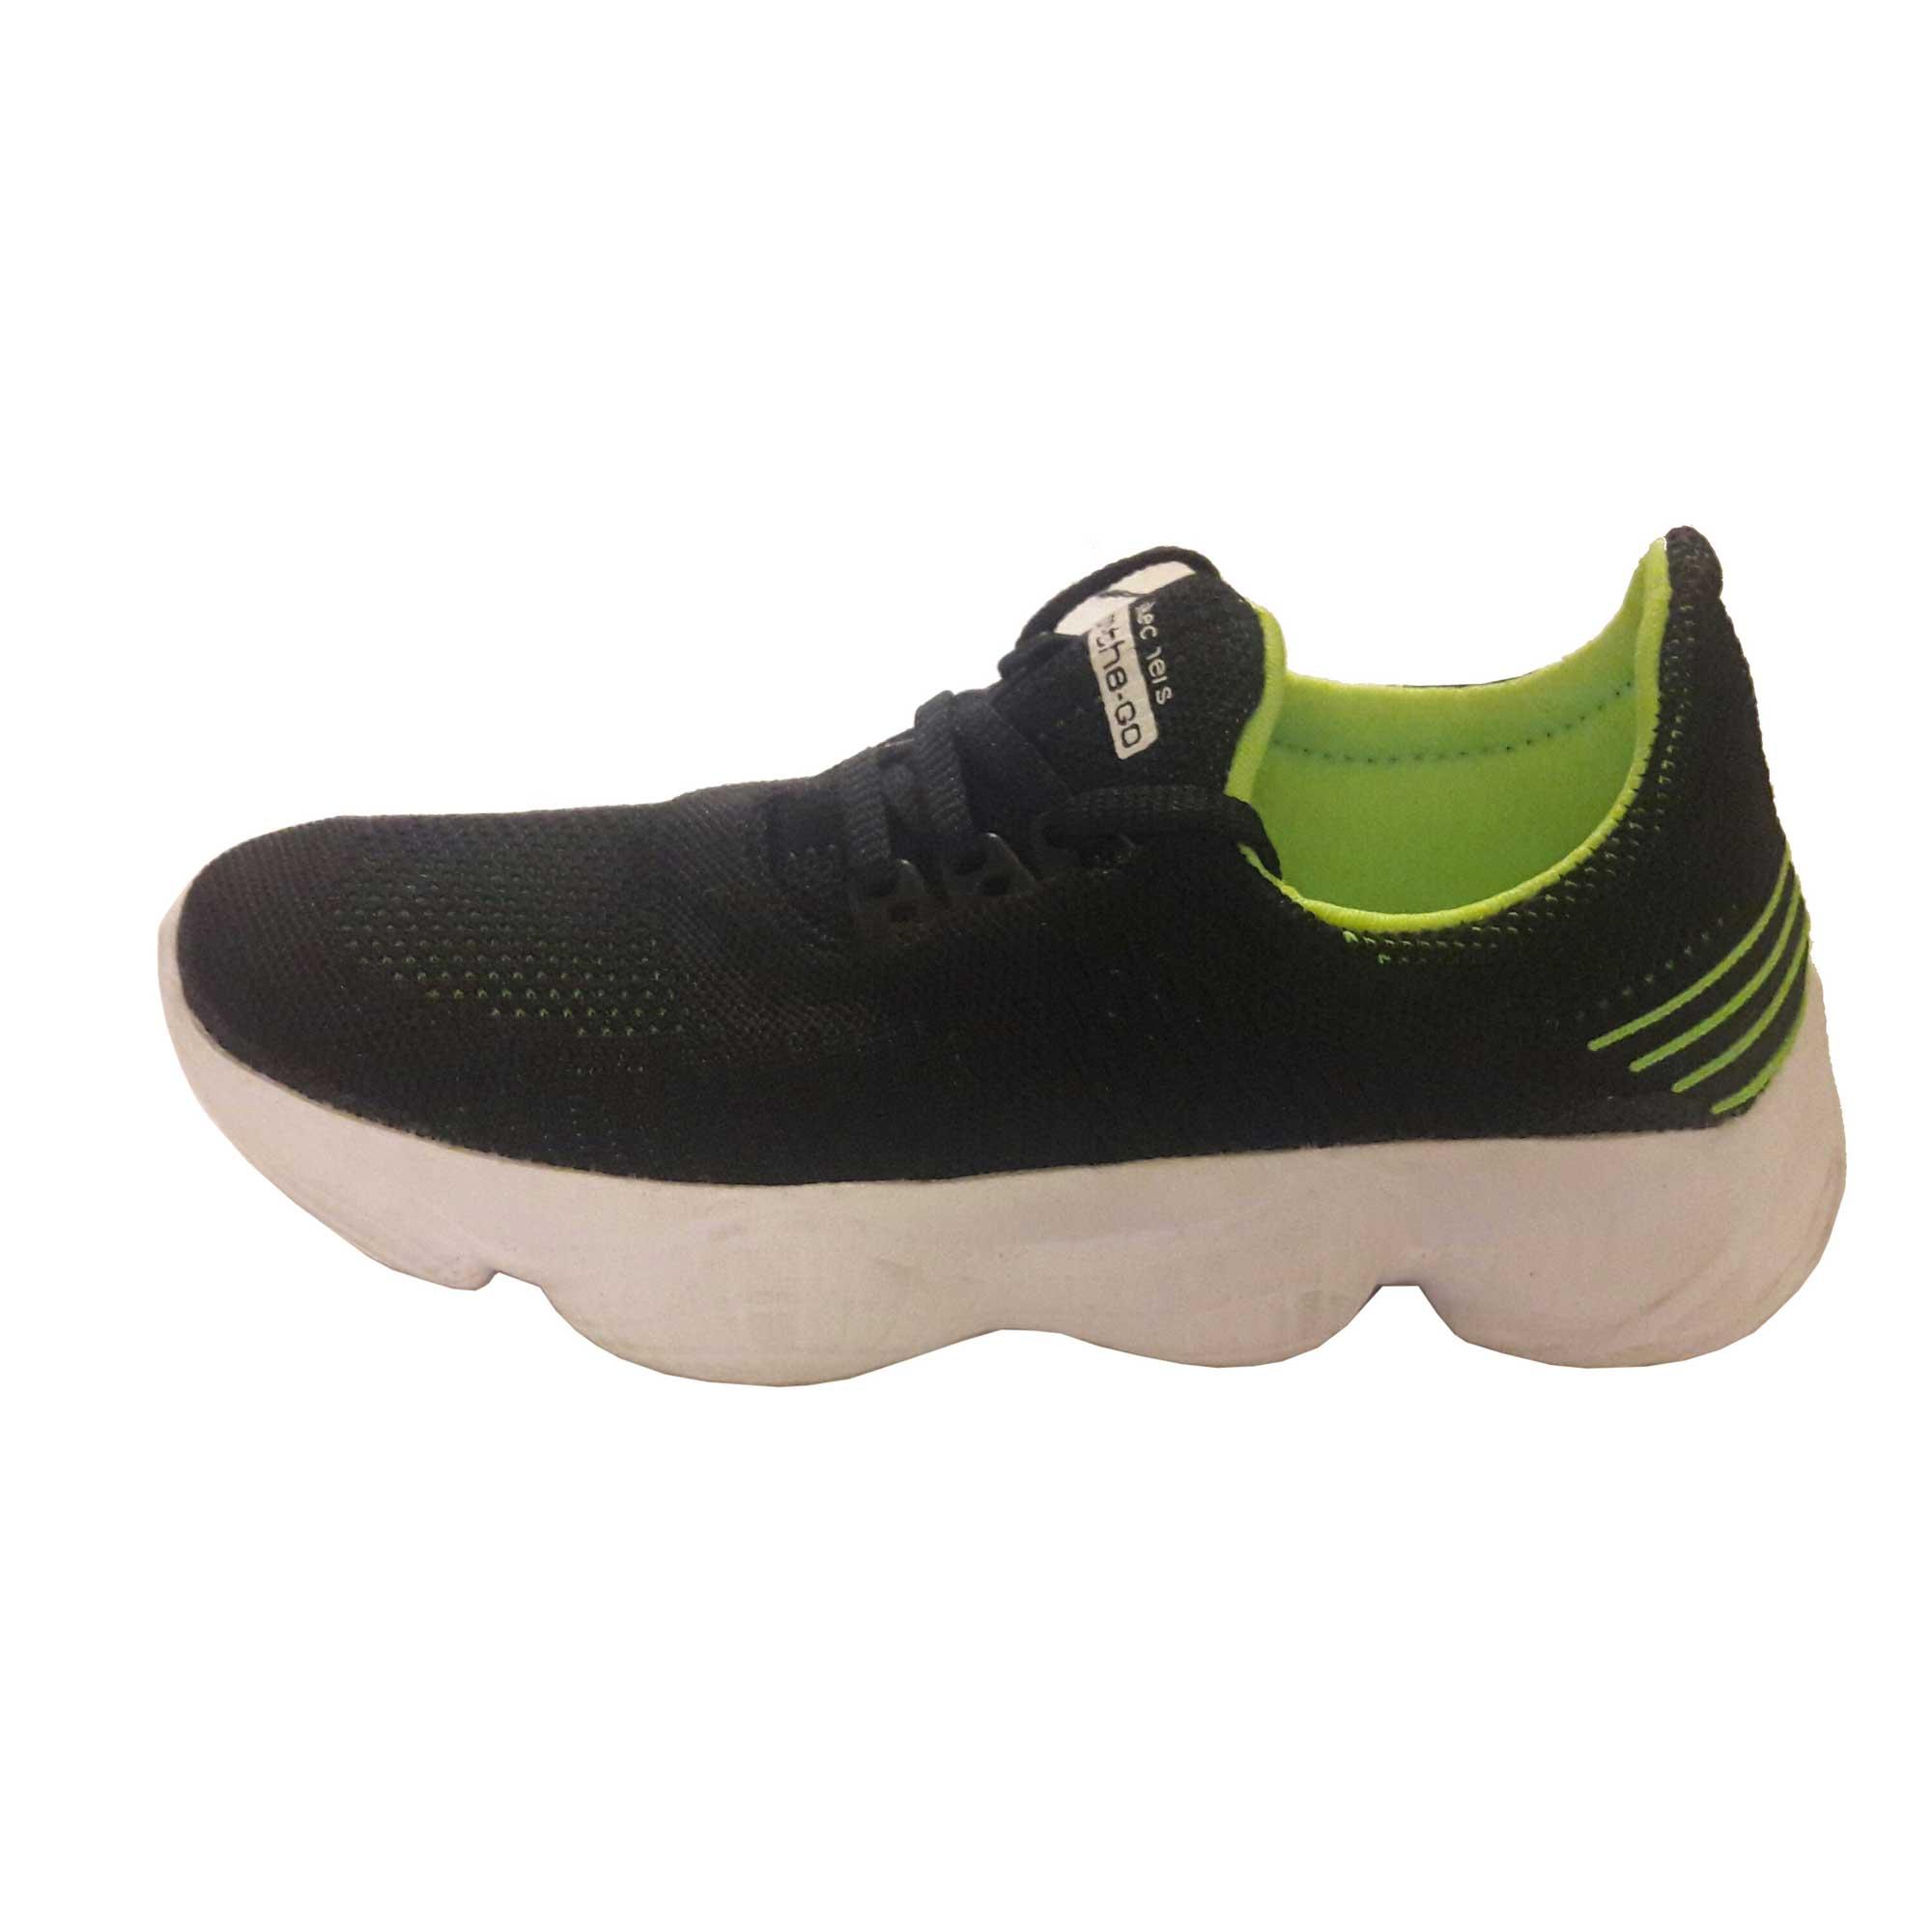 کفش مخصوص پیاده روی کد 002